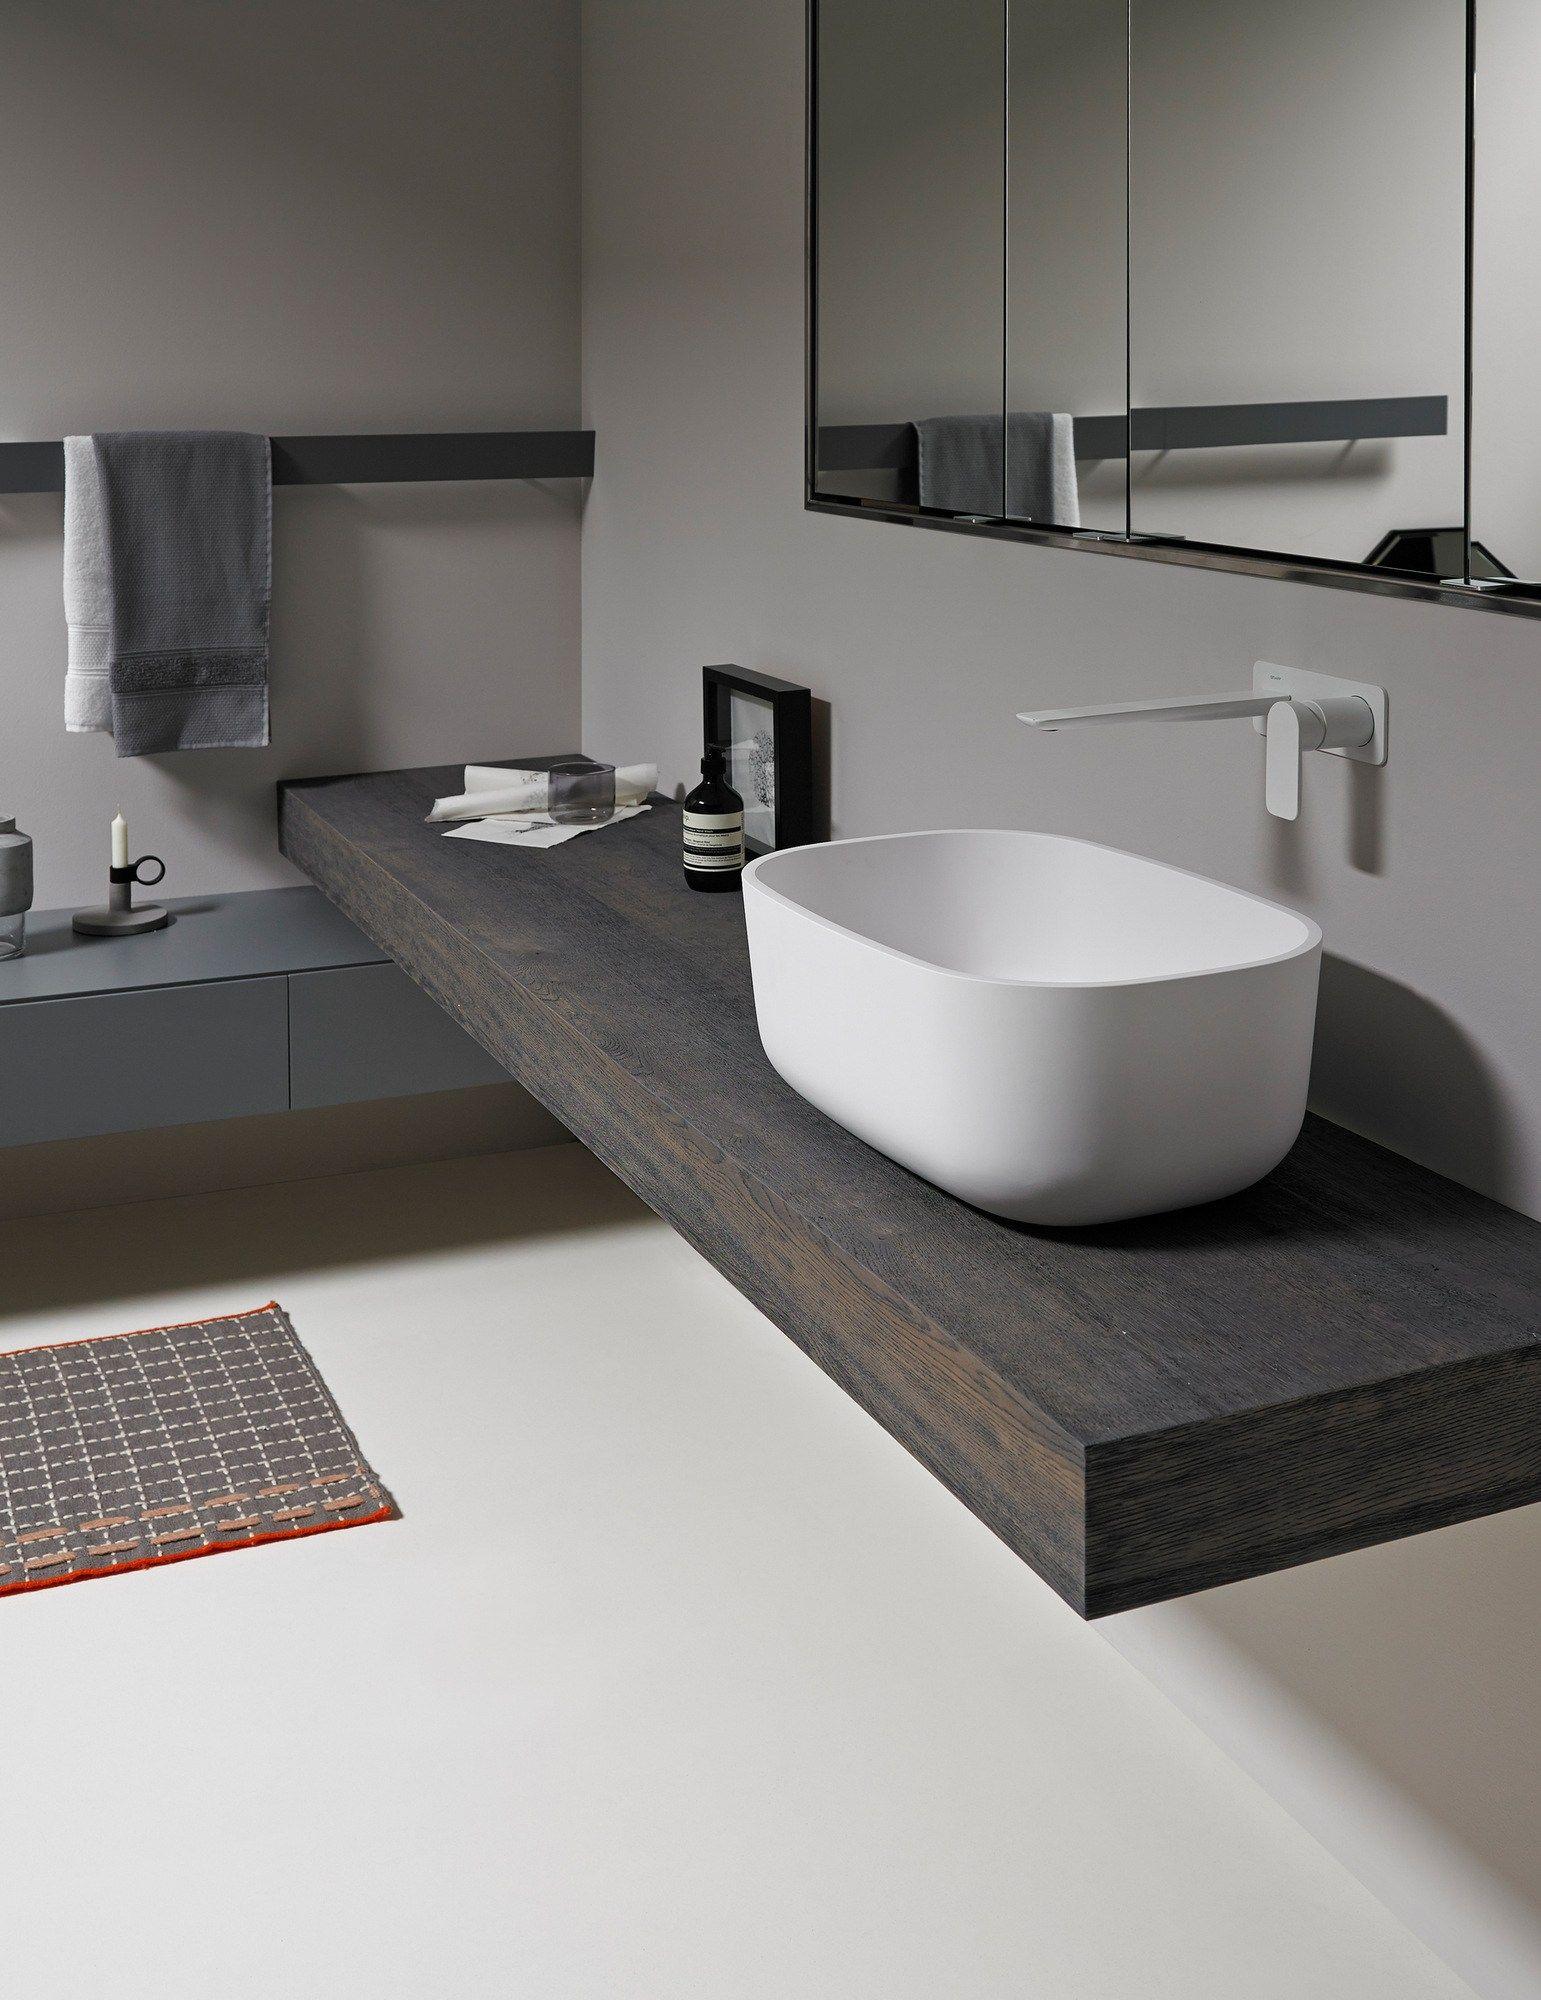 Lavello Bagno Da Appoggio lavabo da appoggio alto (con immagini) | arredamento bagno